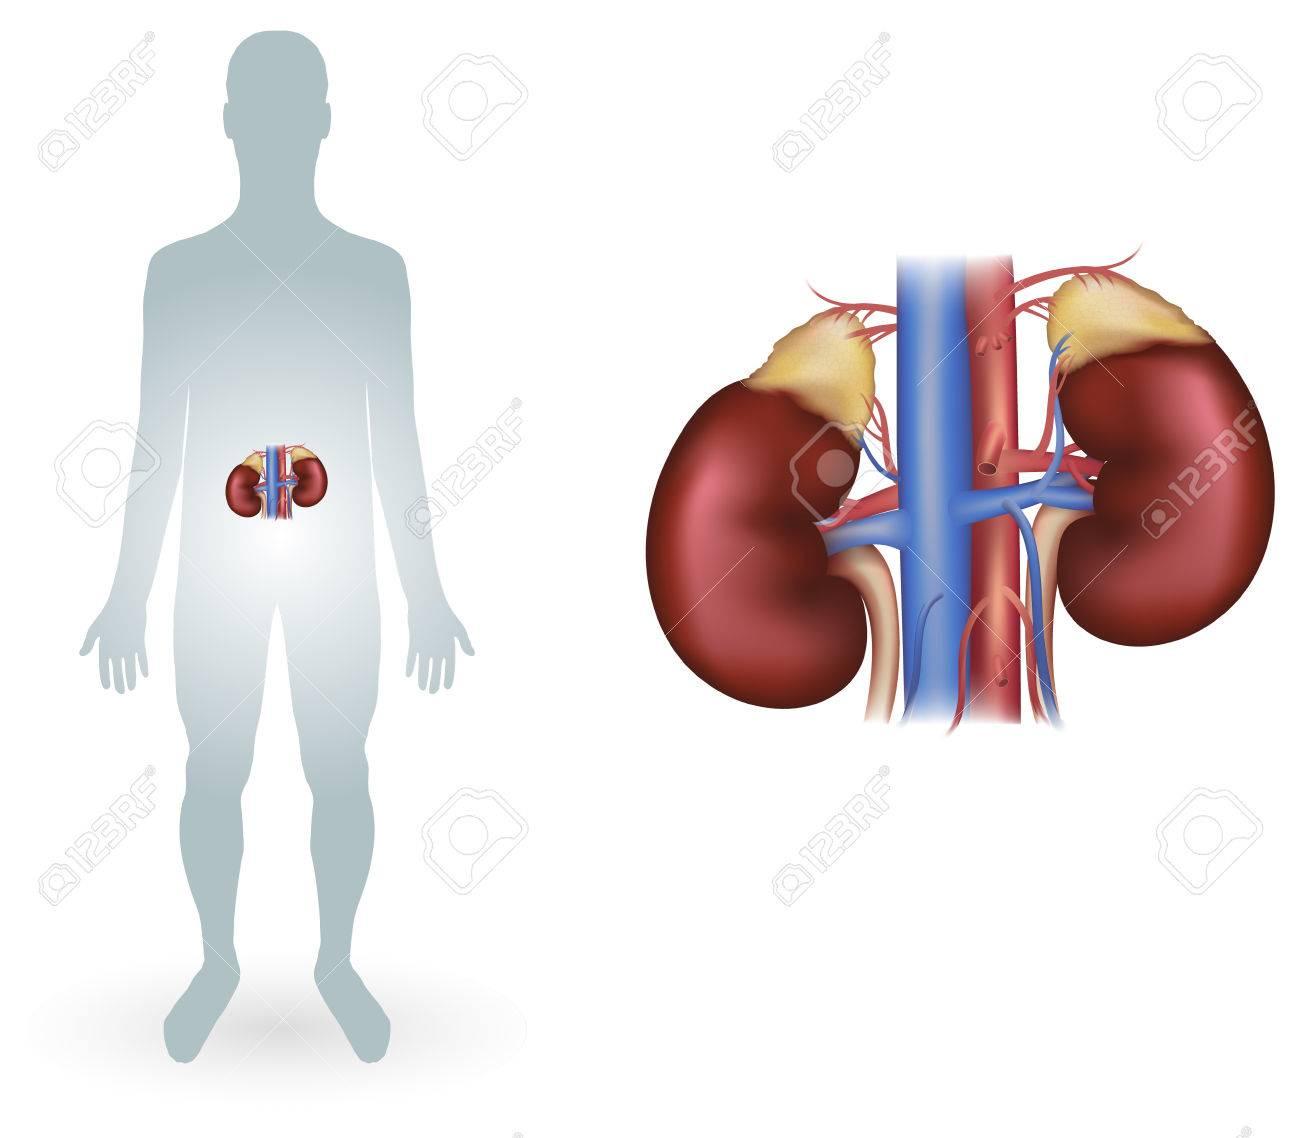 Riñones Humanos Diagrama Detallado De Anatomía Ilustraciones ...